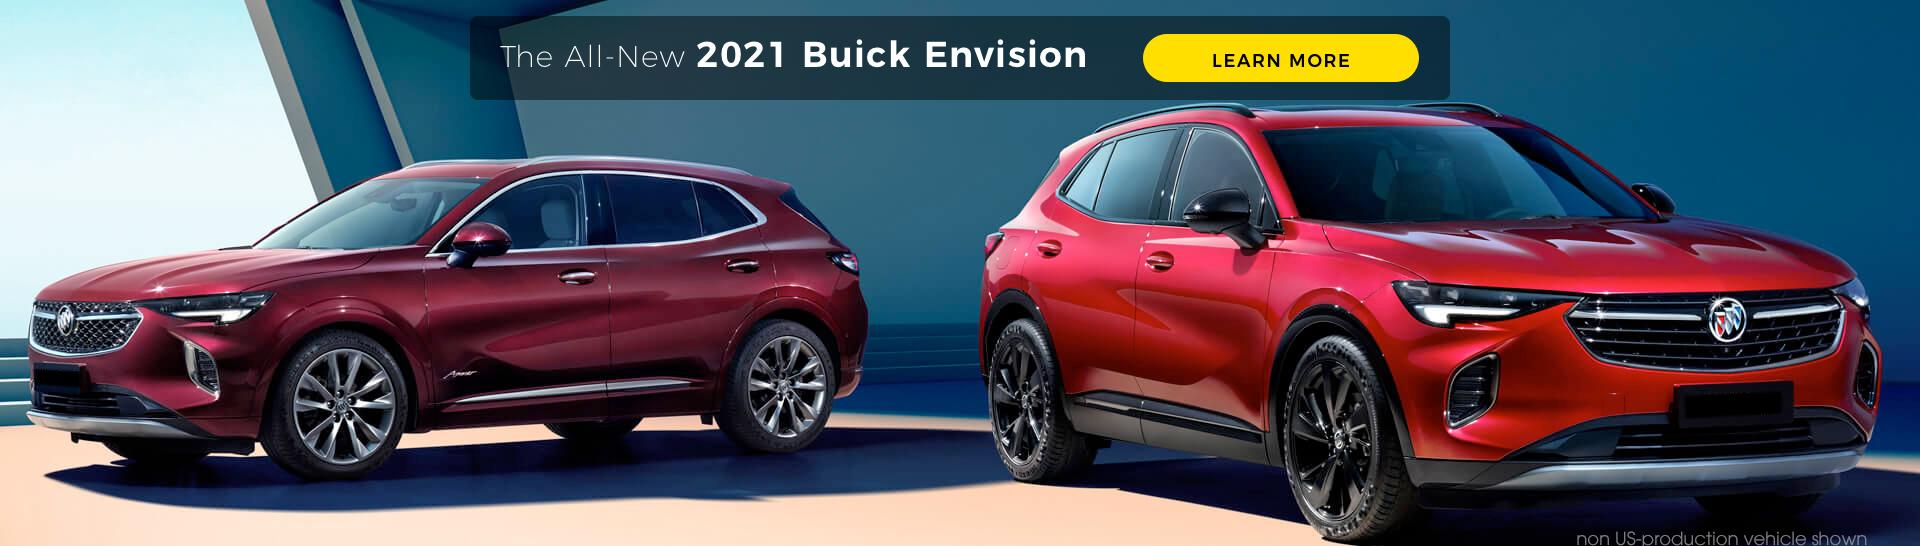 2021_Buick_Envision_slider_desktop_ver1